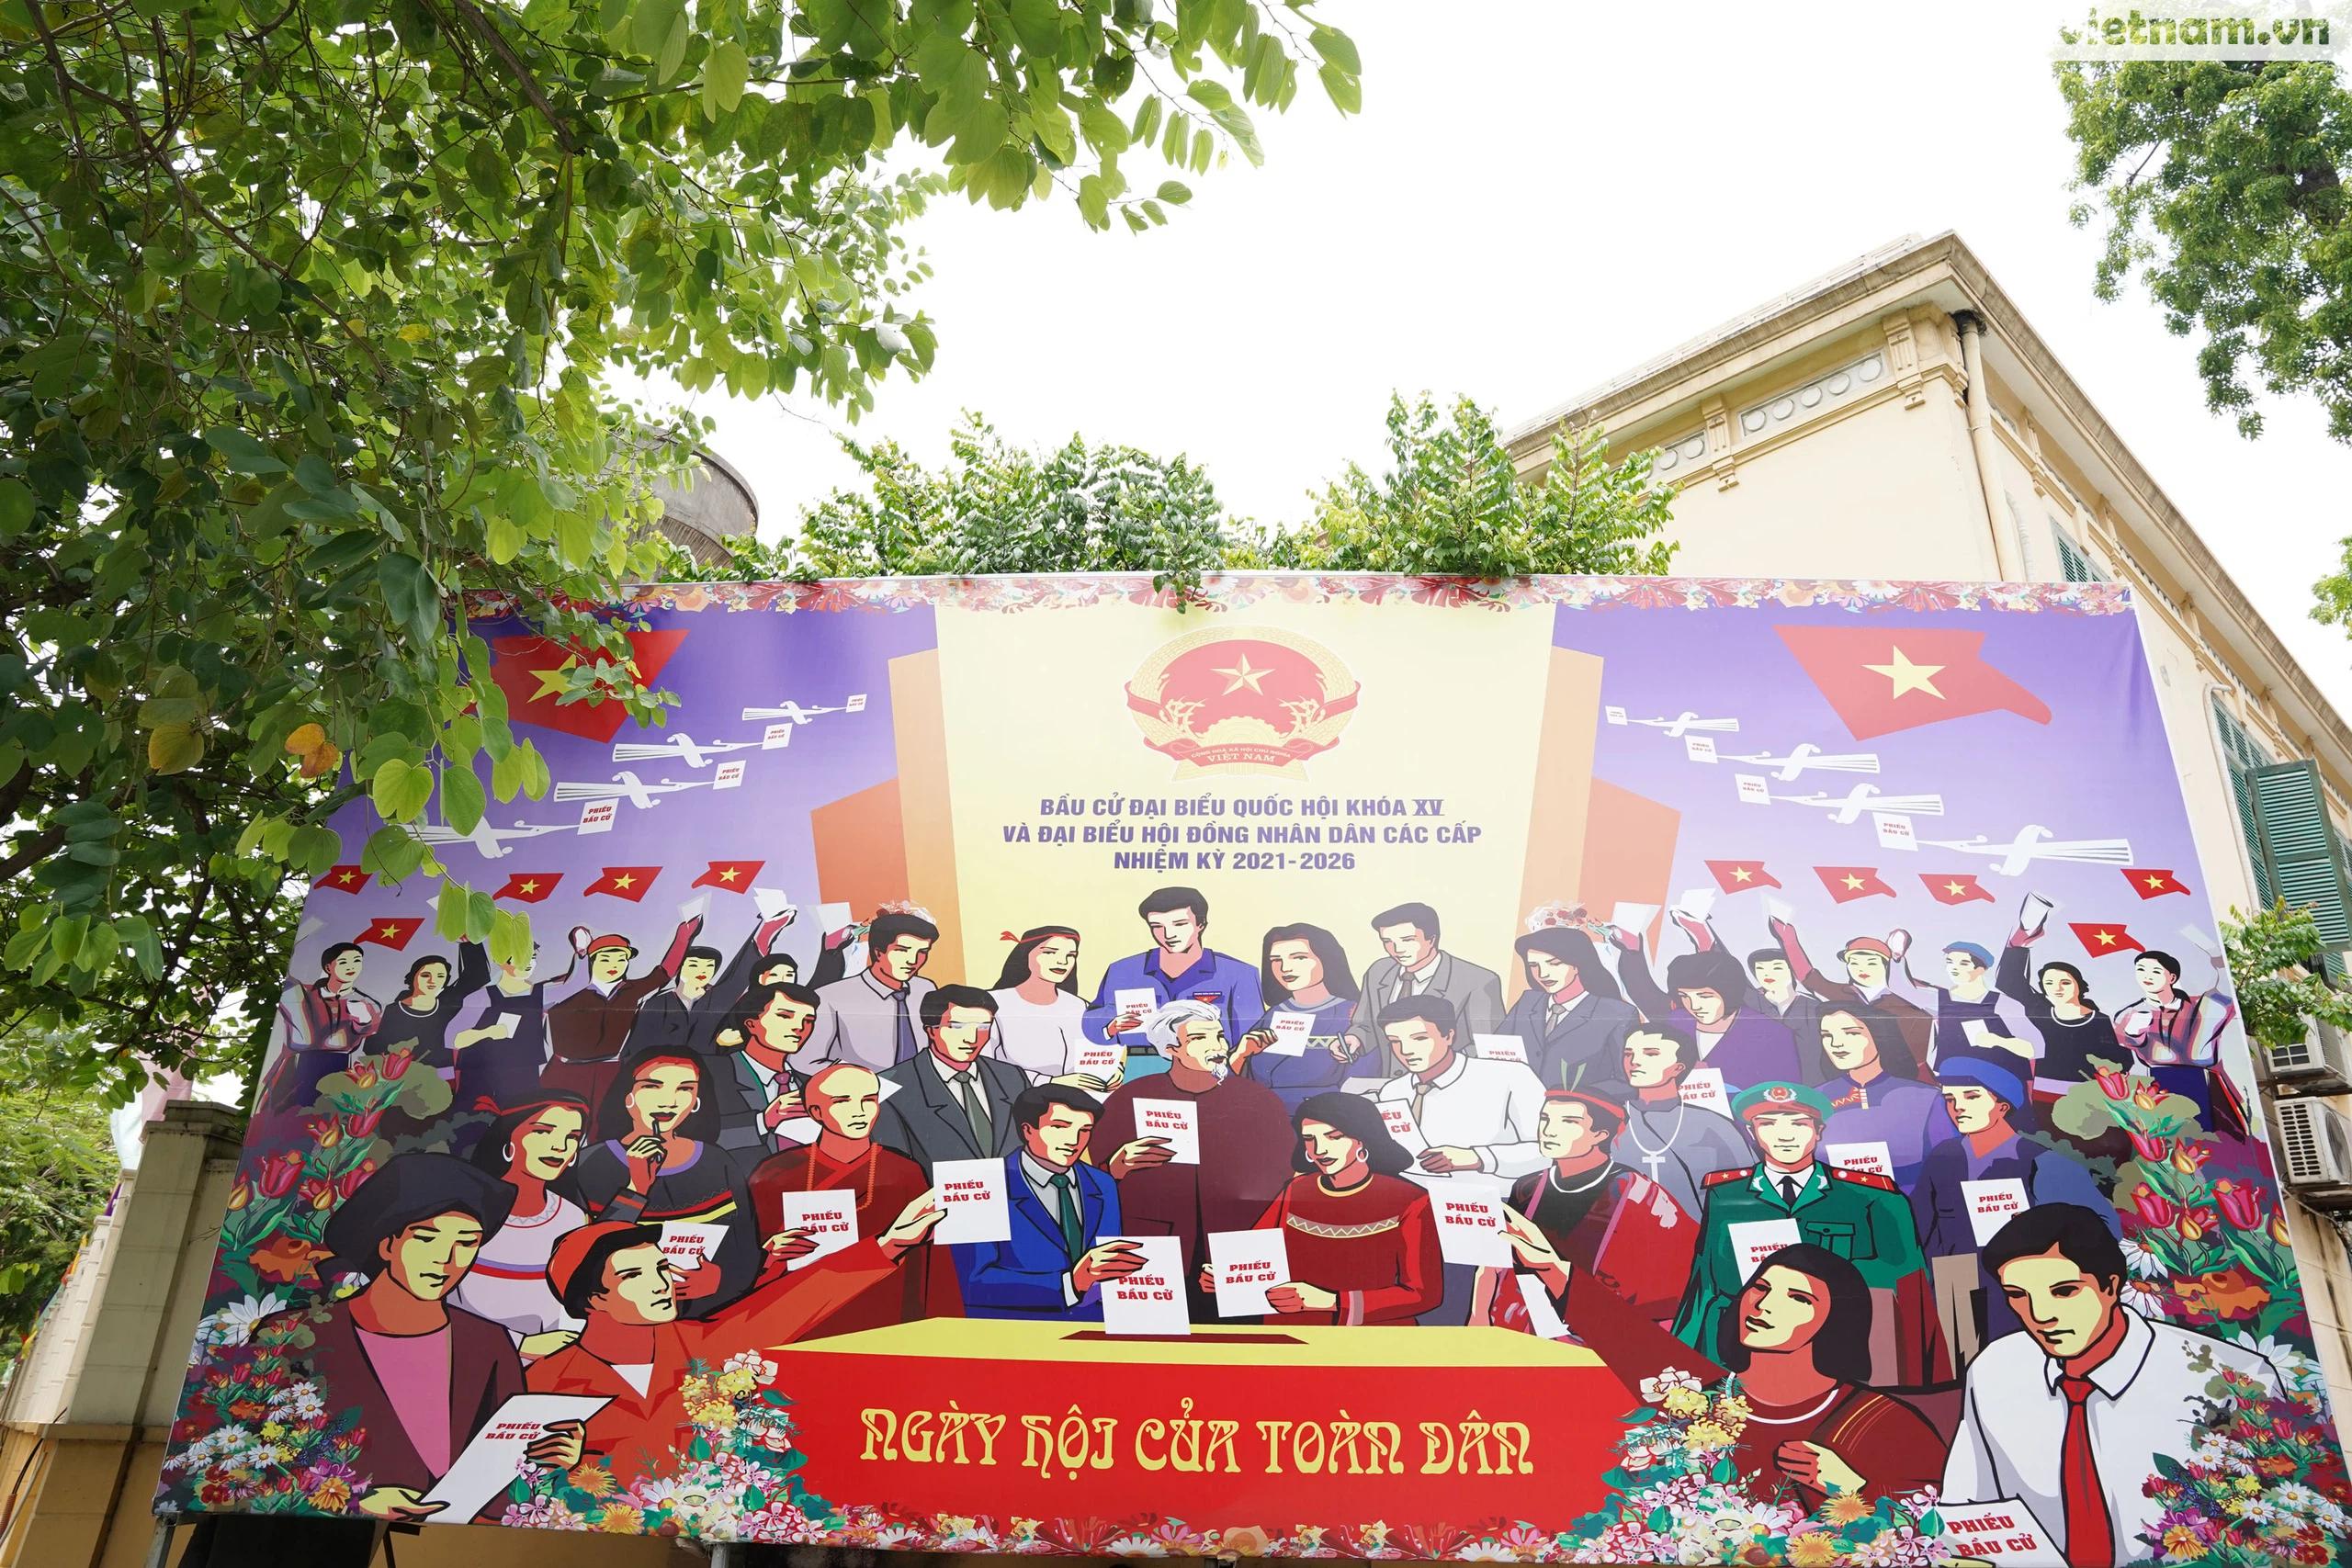 """Phố phường Hà Nội rừng rực khí thế chào mừng """"Ngày hội của toàn dân"""" - Ảnh 20."""